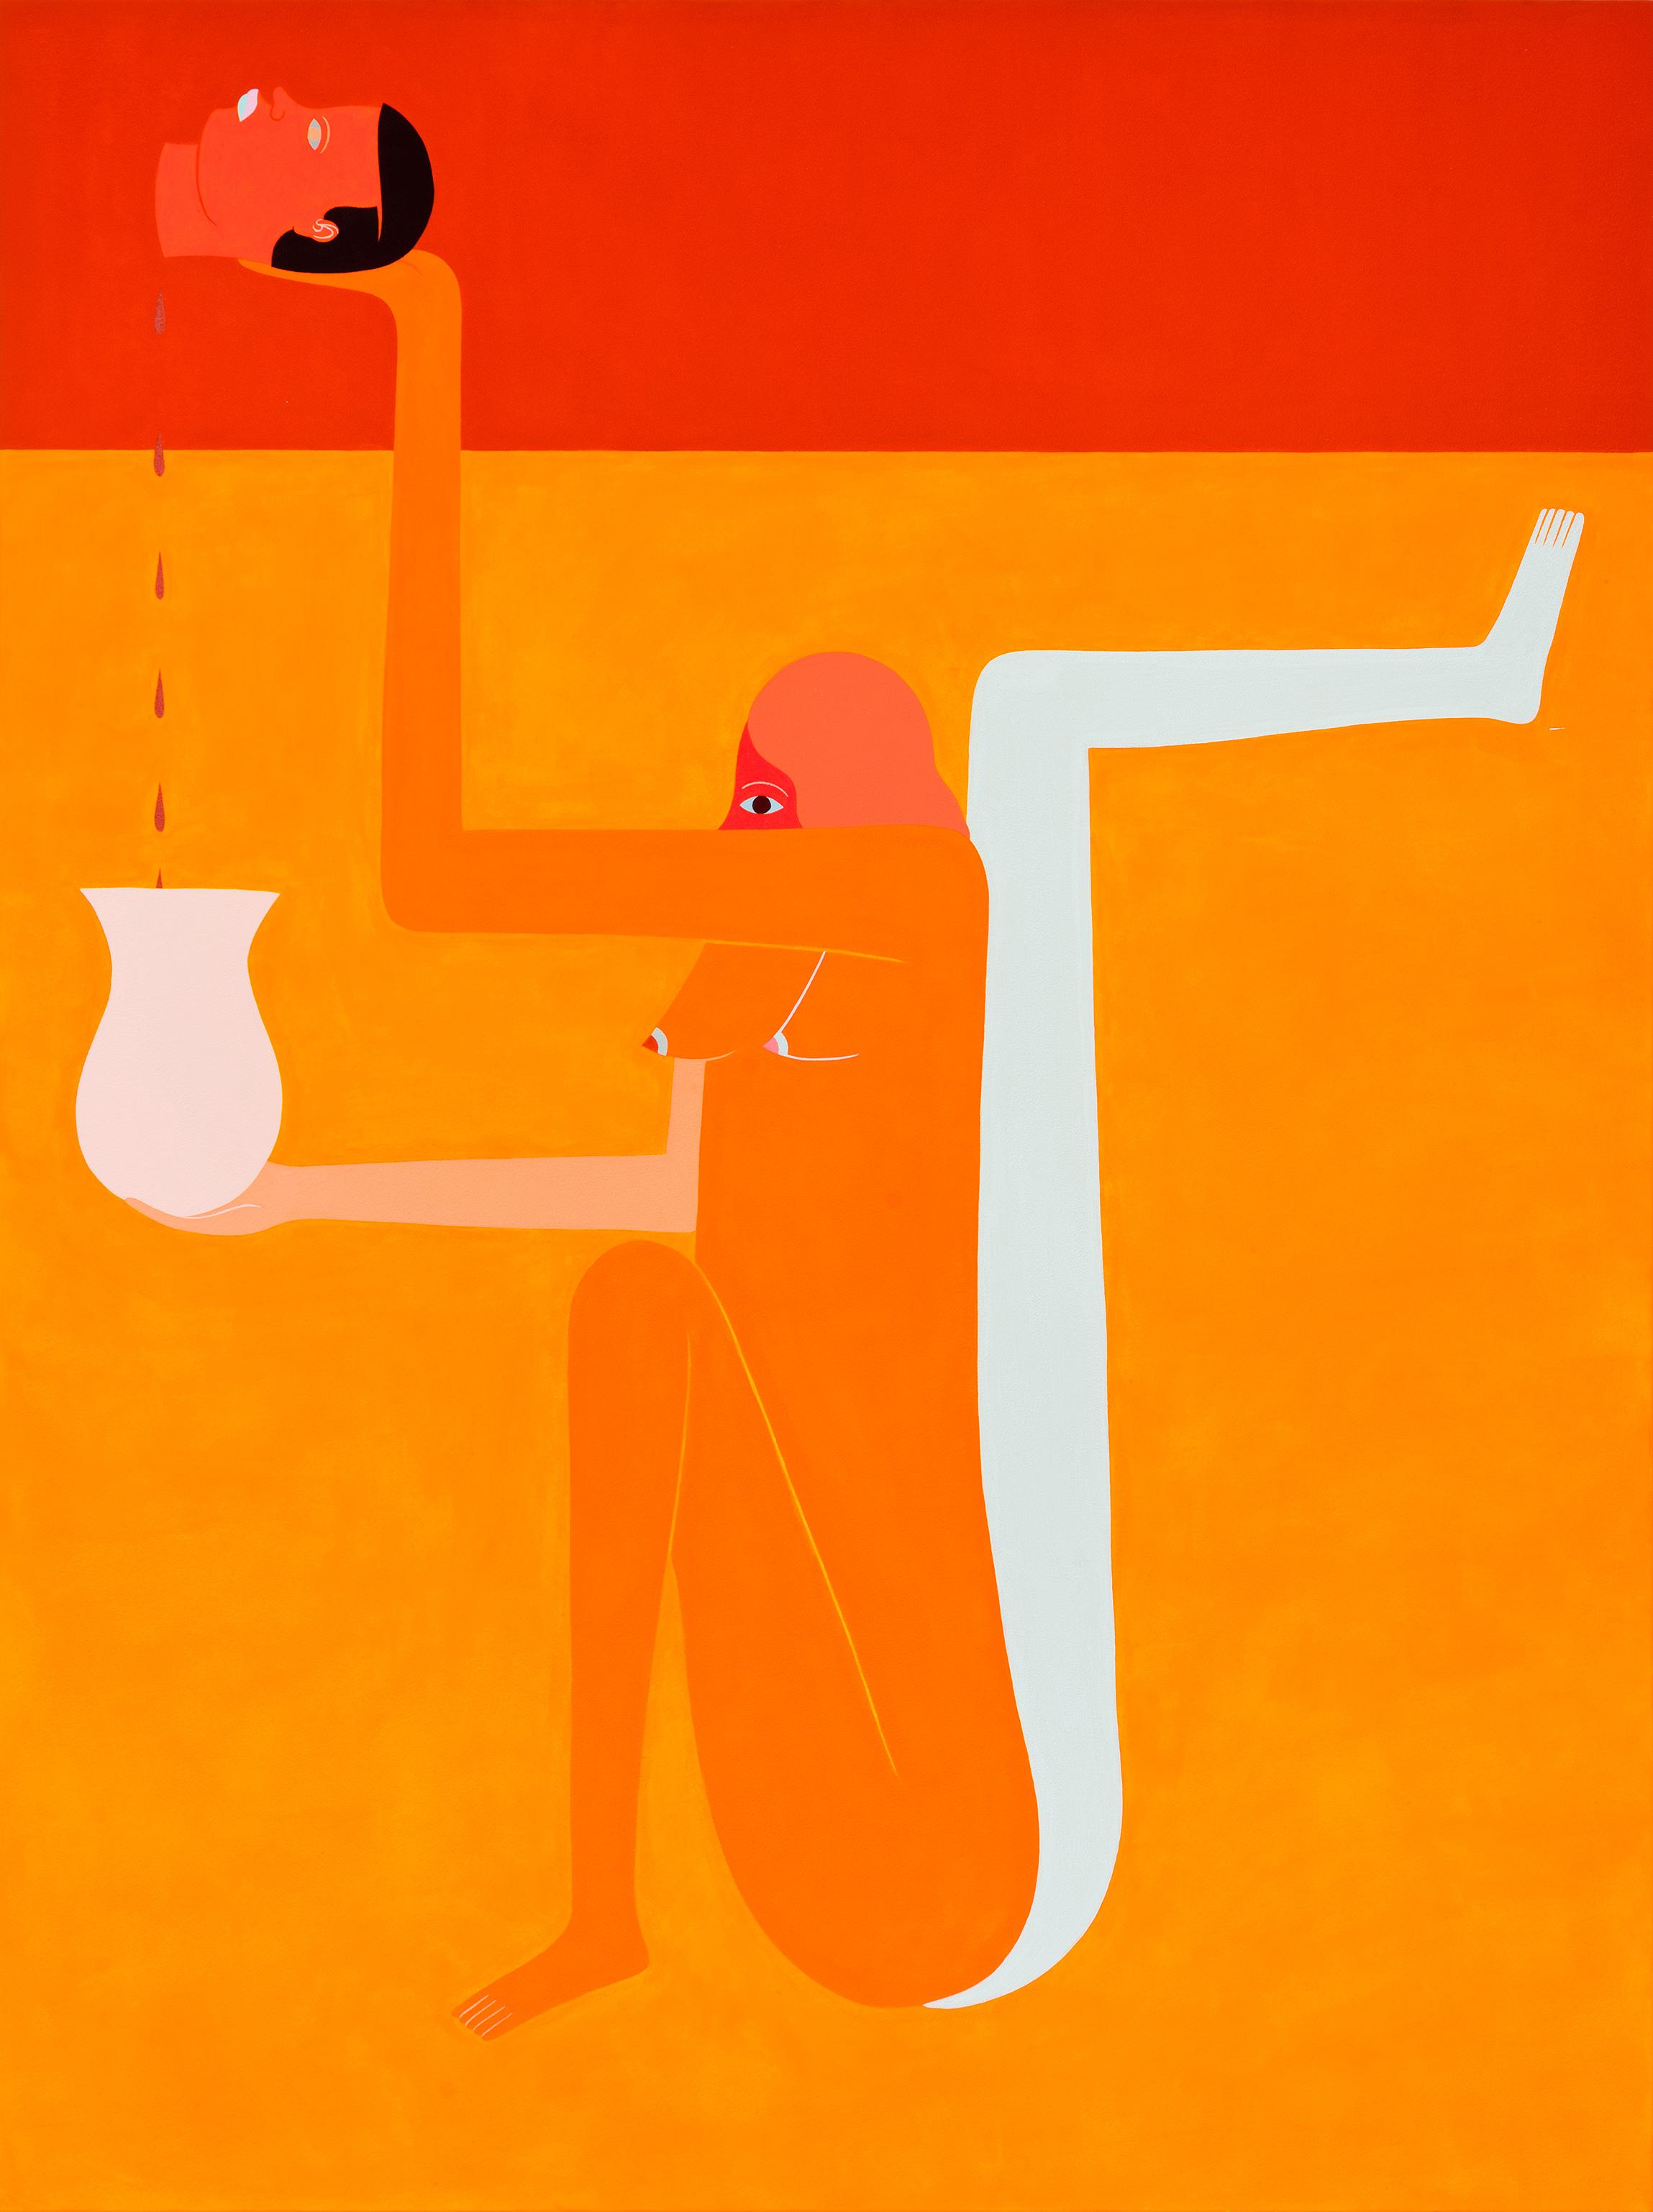 Colman_Orange-Painting.jpg